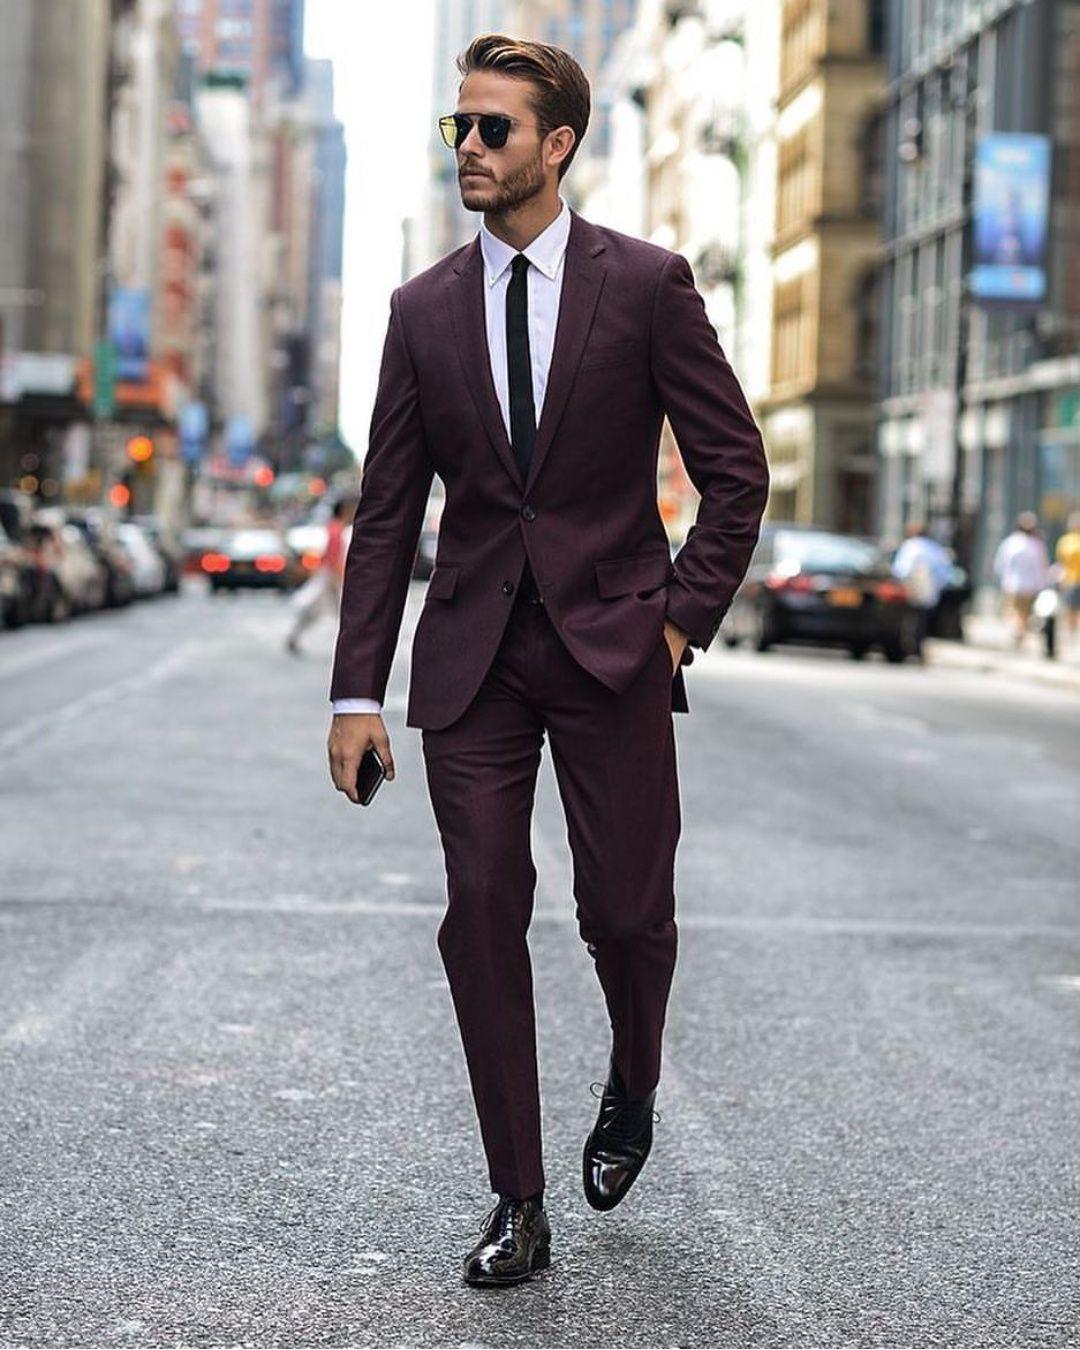 e4cc46800da Ternos Padrinhos, Vestuário Formal, Look Social Masculino, Fatos Para Homens,  Roupas Masculinas